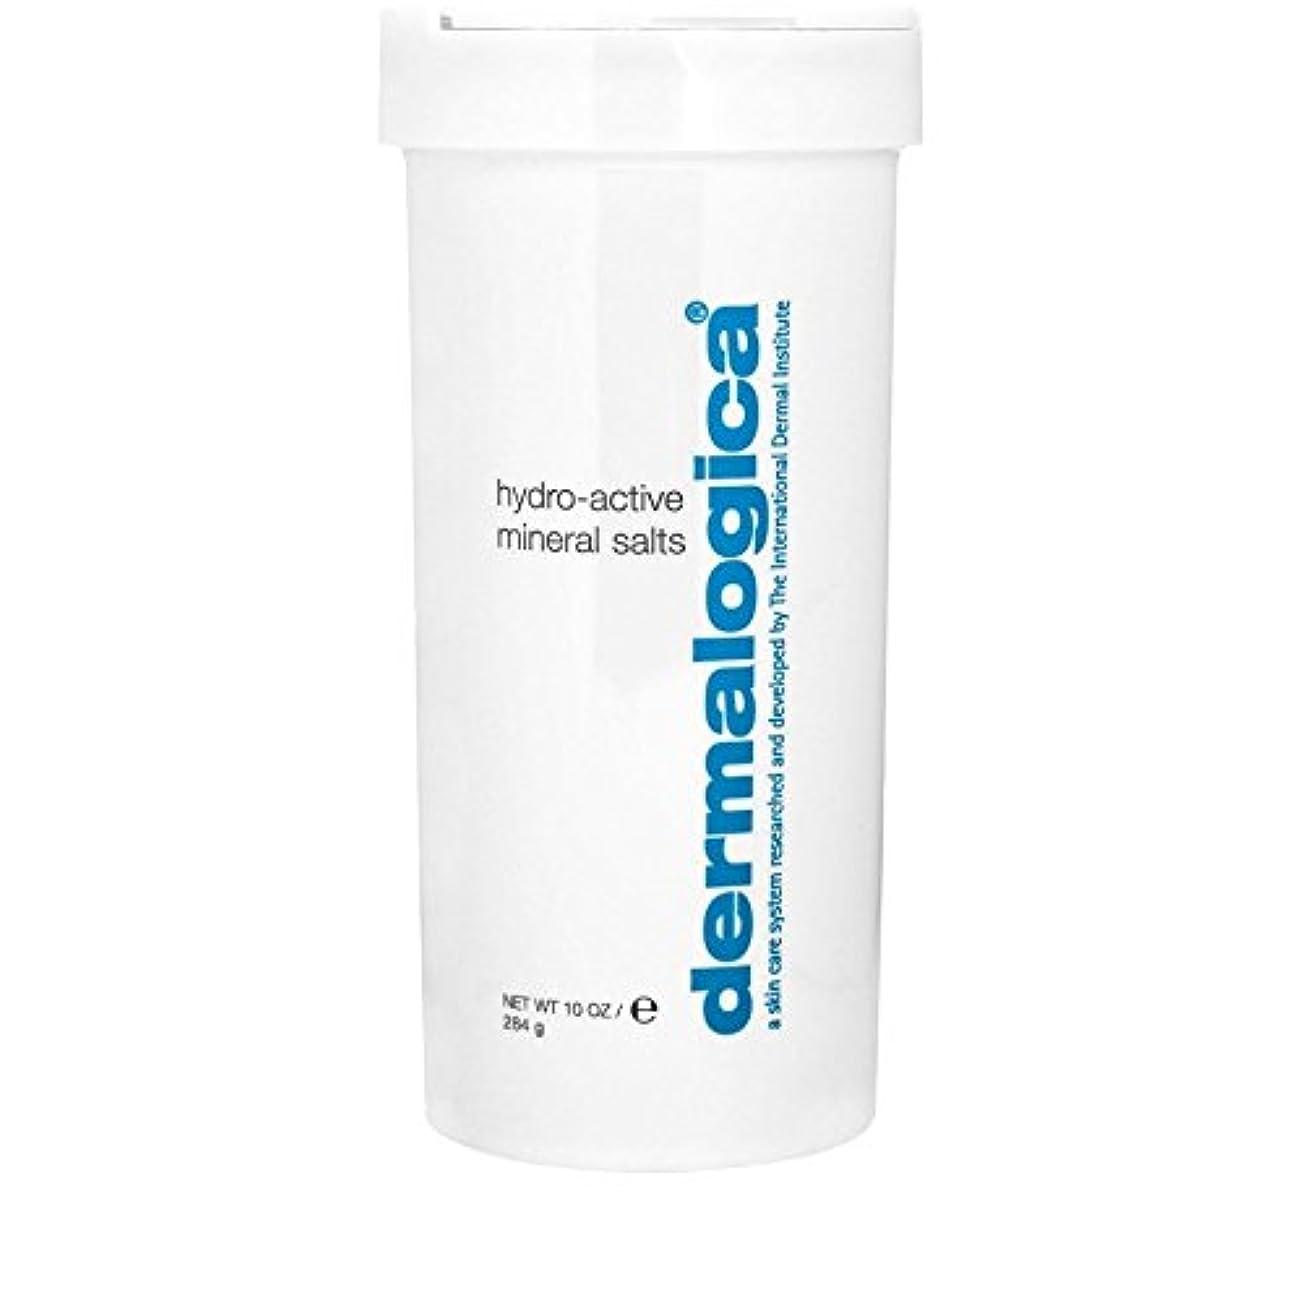 ではごきげんよう報奨金エッセイDermalogica Hydro Active Mineral Salt 284g - ダーマロジカ水力アクティブミネラル塩284グラム [並行輸入品]